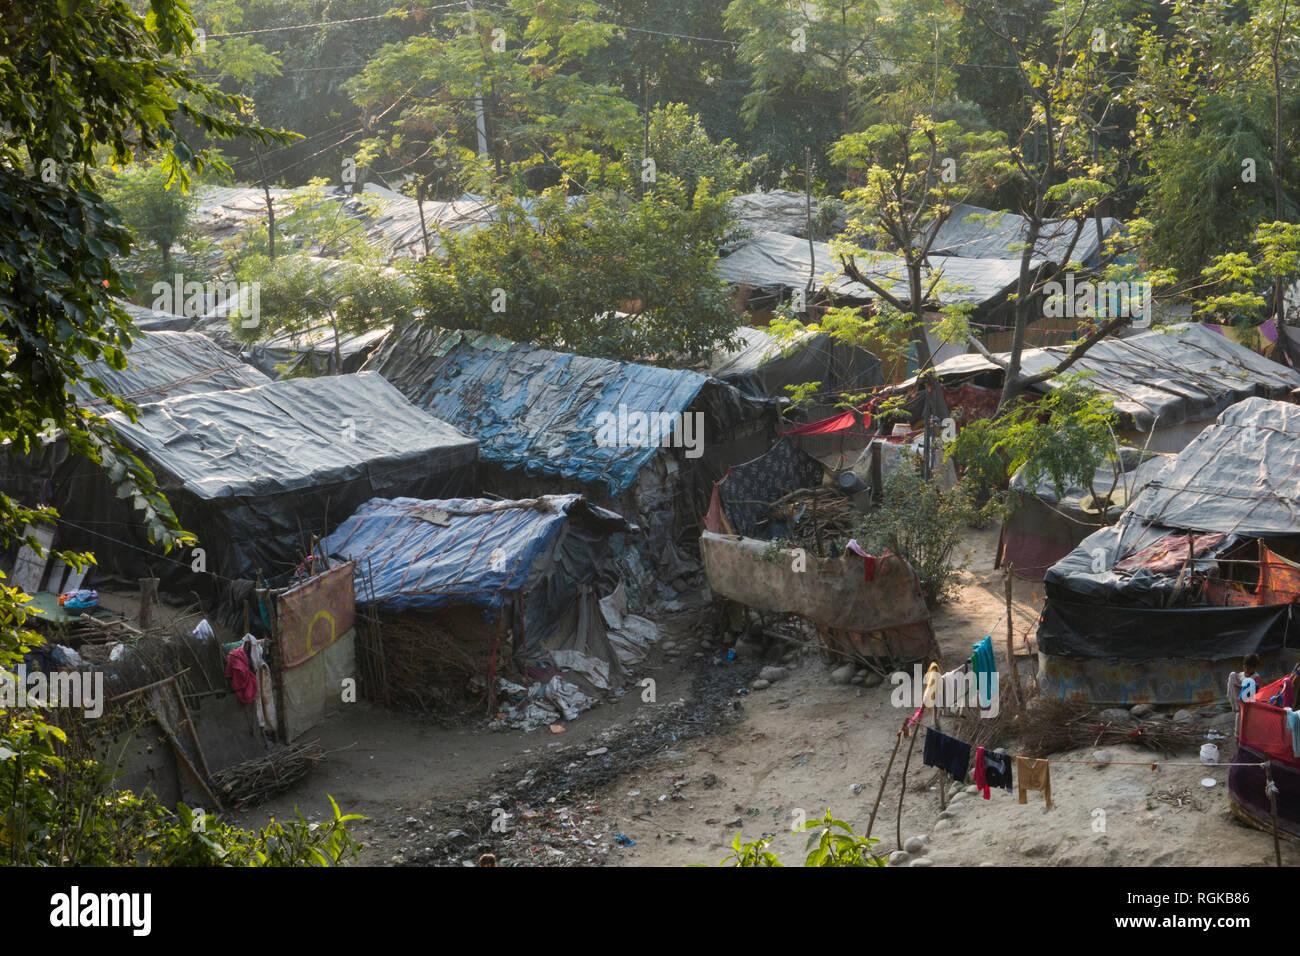 Logement de base de la communauté vivant sur la périphérie de Haridwar, Uttarakhand, Inde Photo Stock